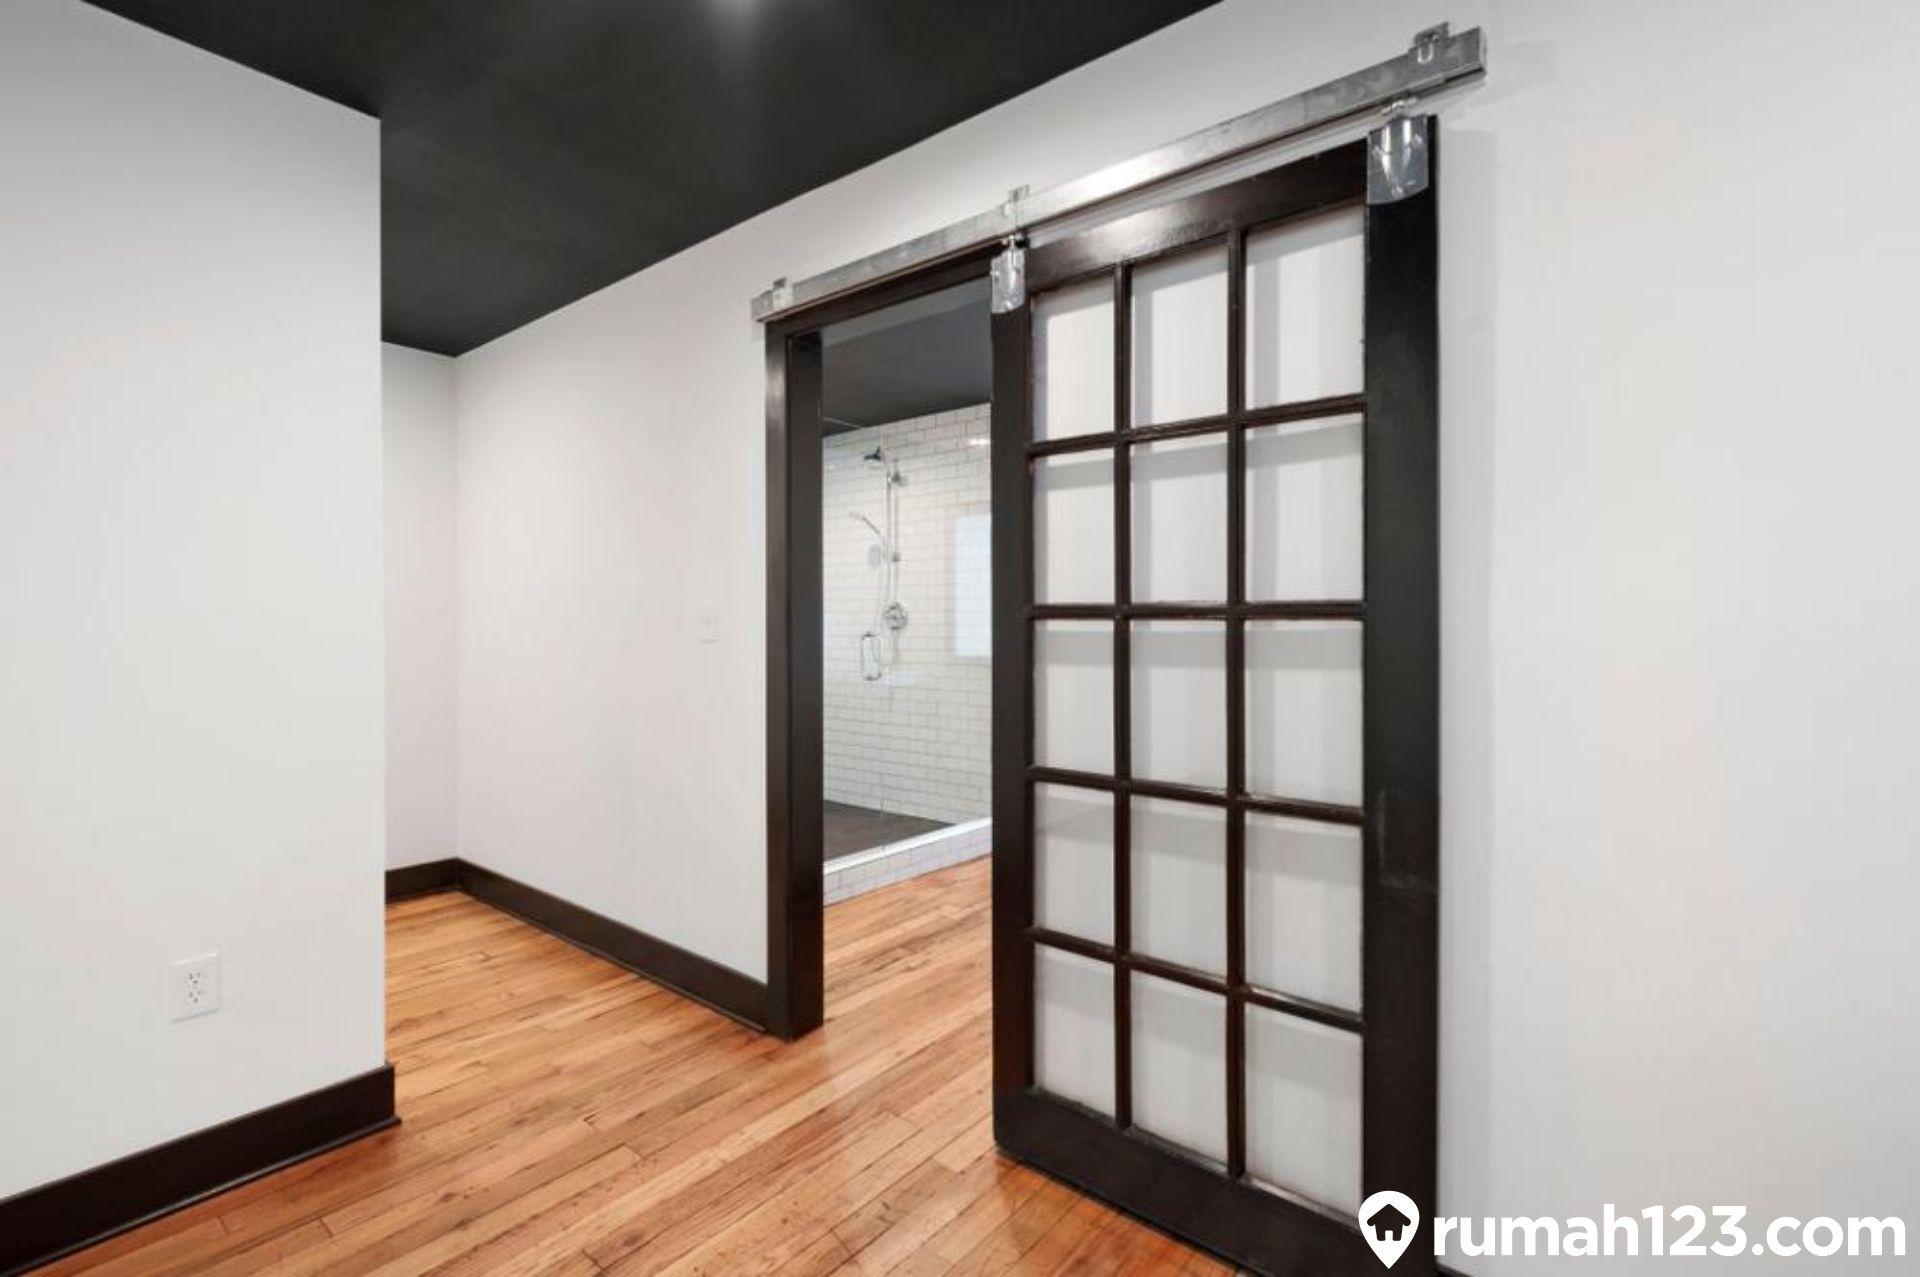 10 Pintu Geser Minimalis Yang Menambah Ruang Di Rumah Sempit Rumah123 Com